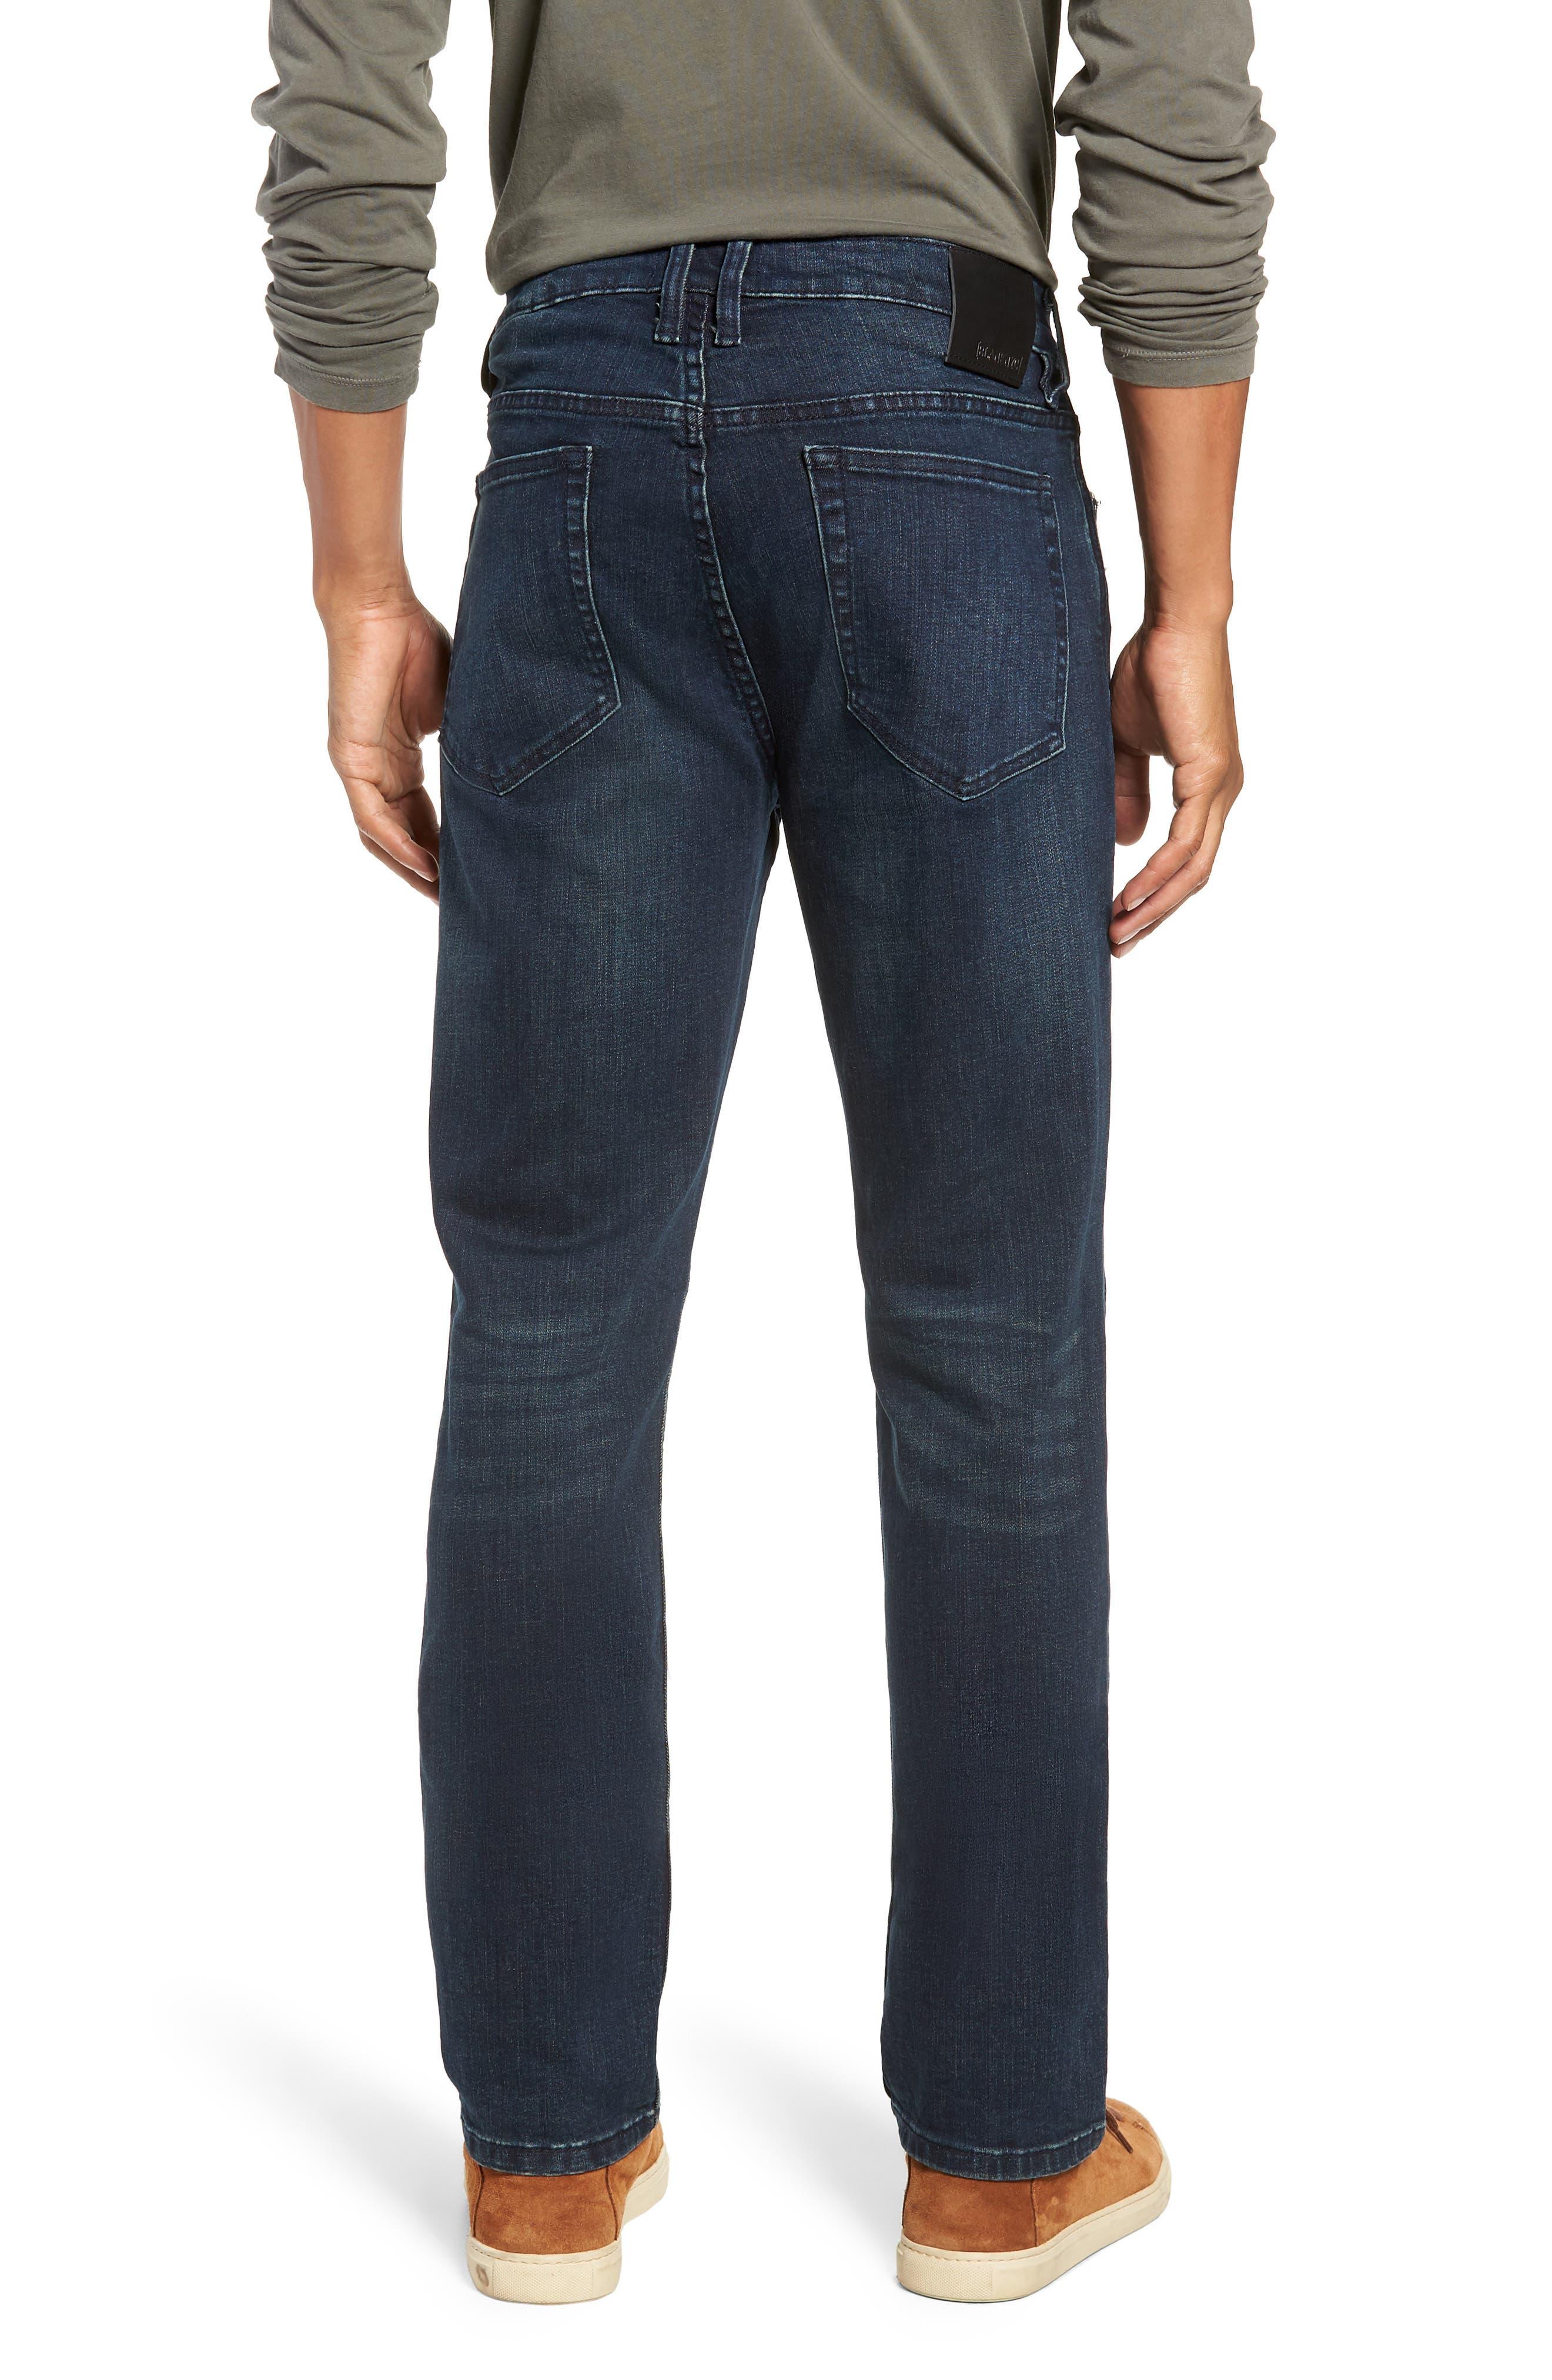 Stanton Straight Leg Jeans,                             Alternate thumbnail 2, color,                             WORTHLESS TENDENCY